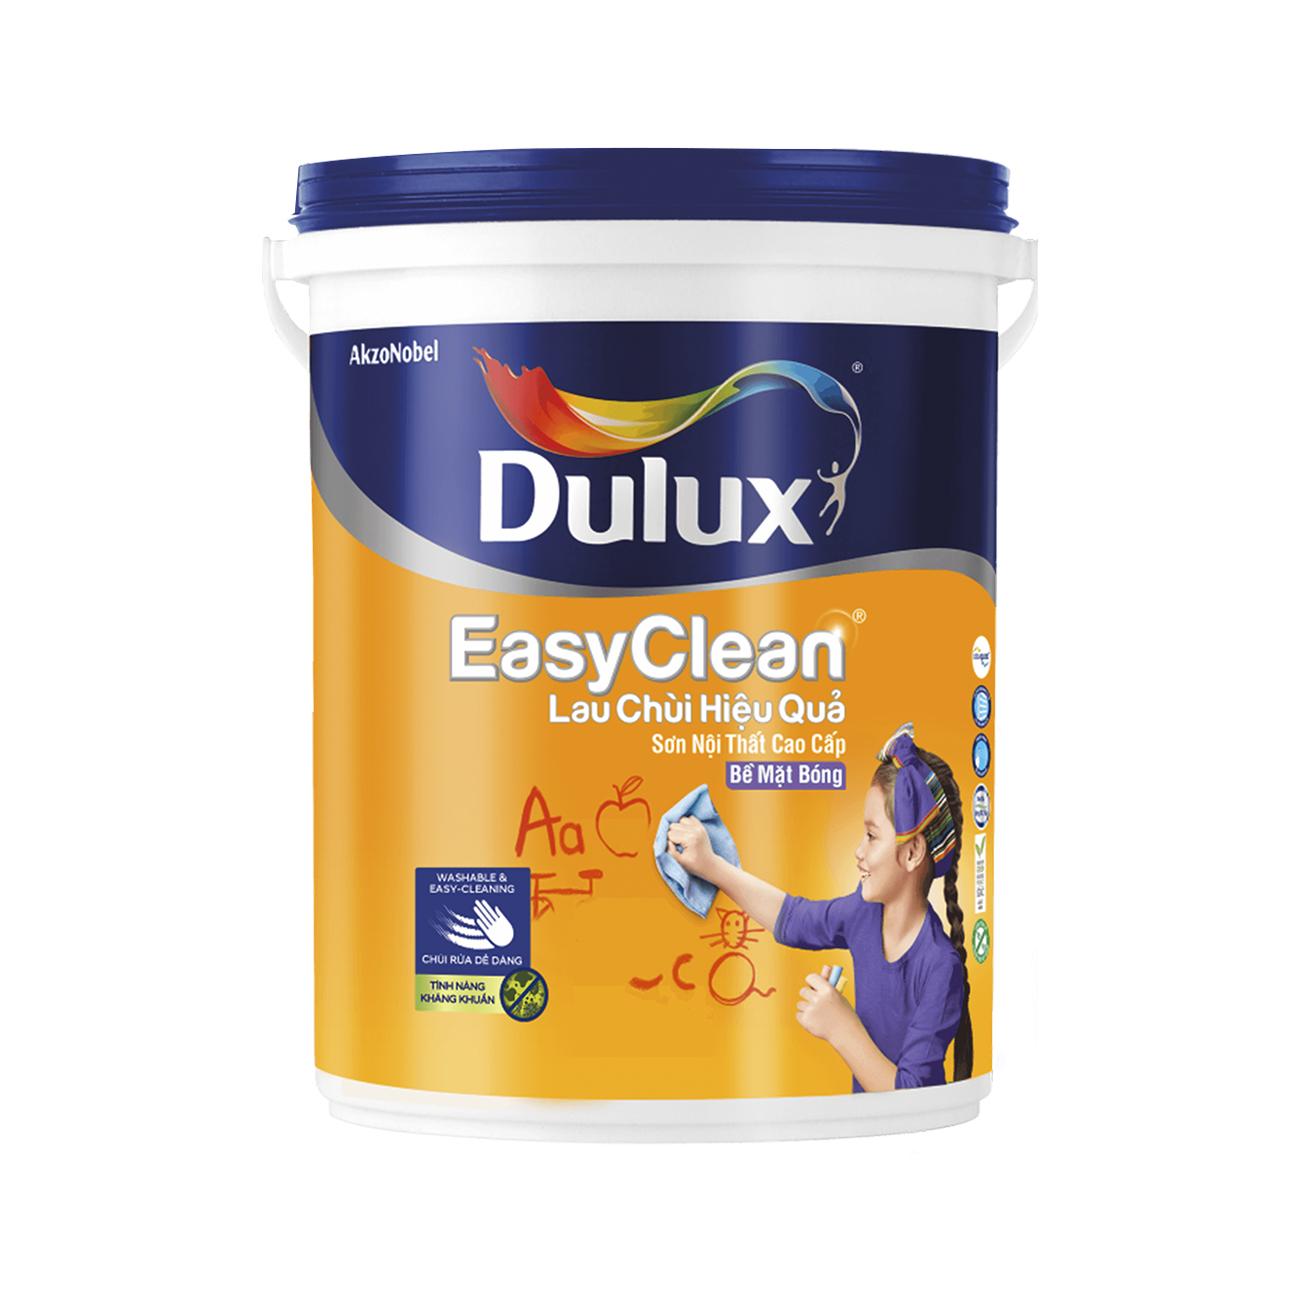 Sơn nội thất Dulux EasyClean lau chùi hiệu quả bóng 5L